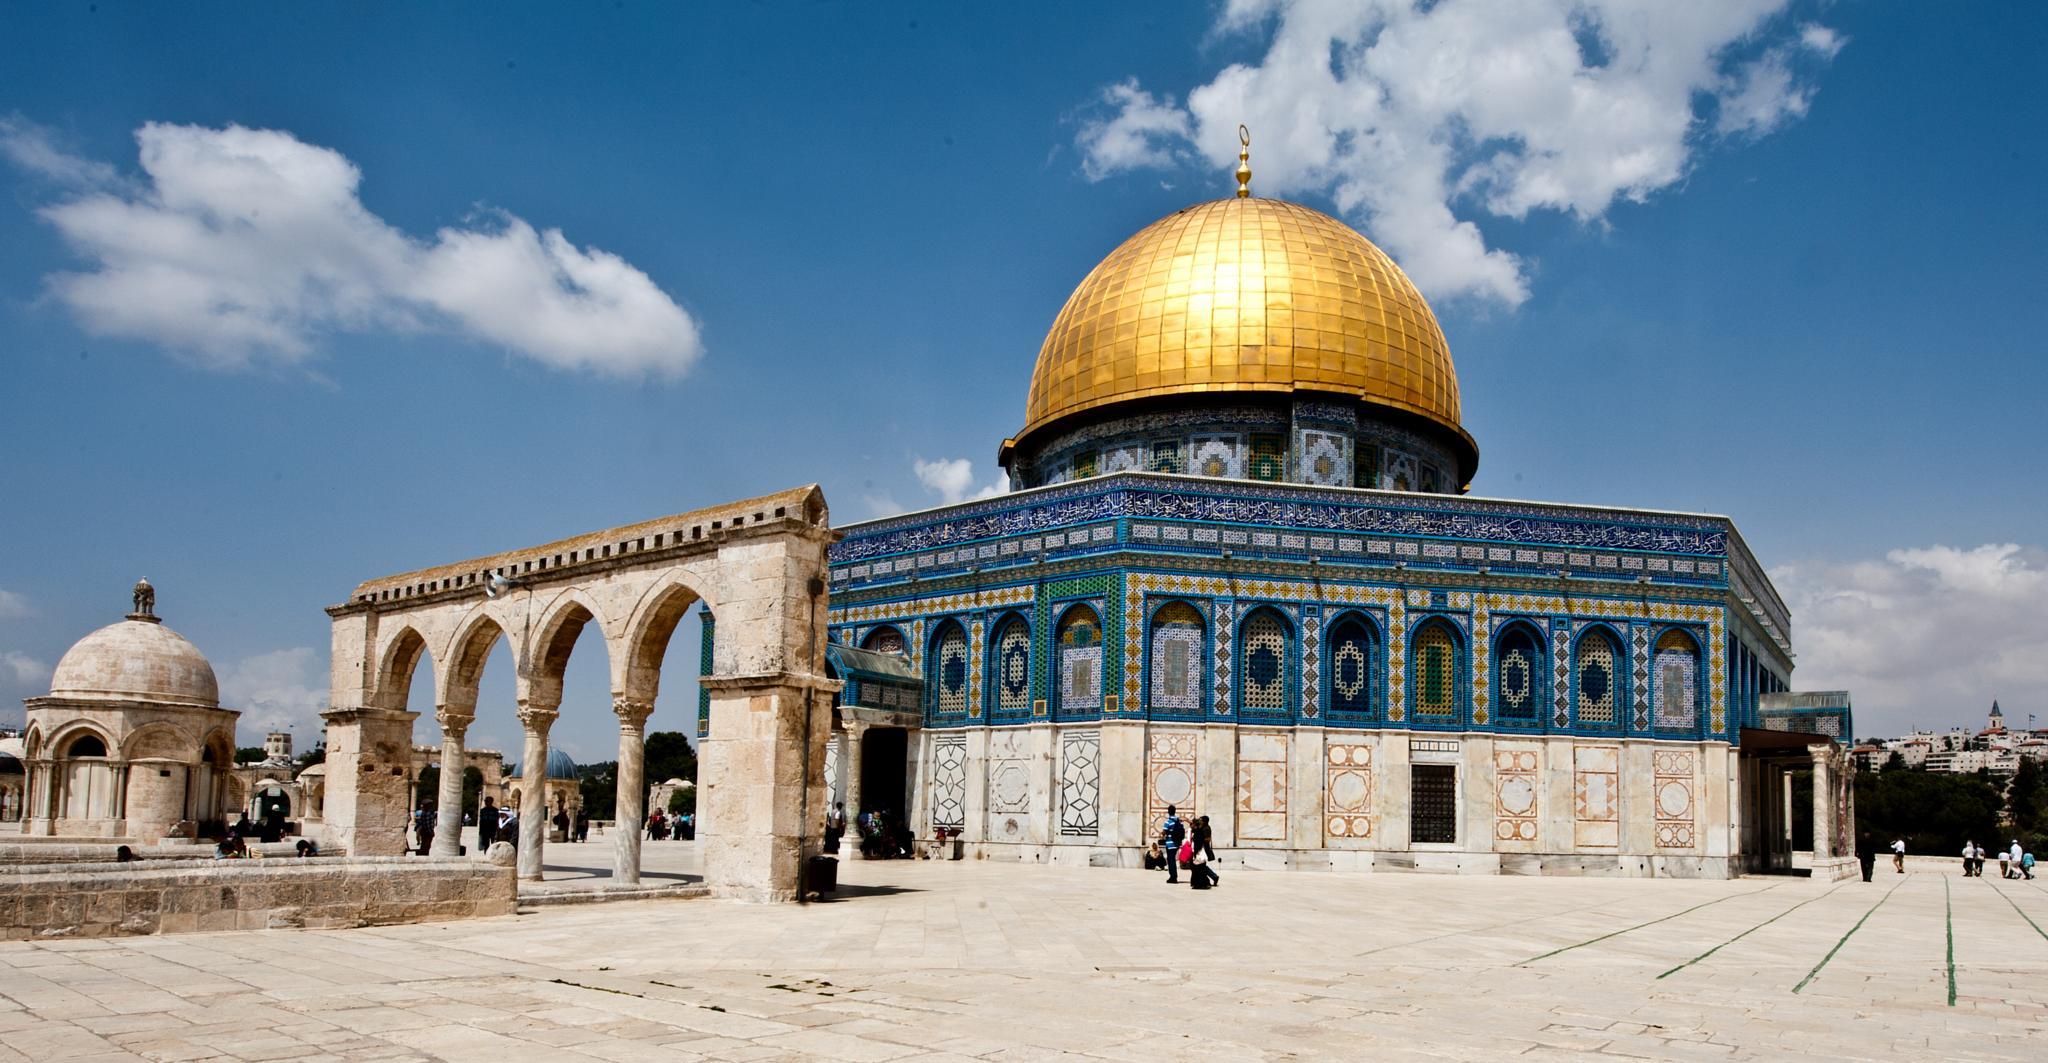 The Jerusalem Moshe by guenterpassage